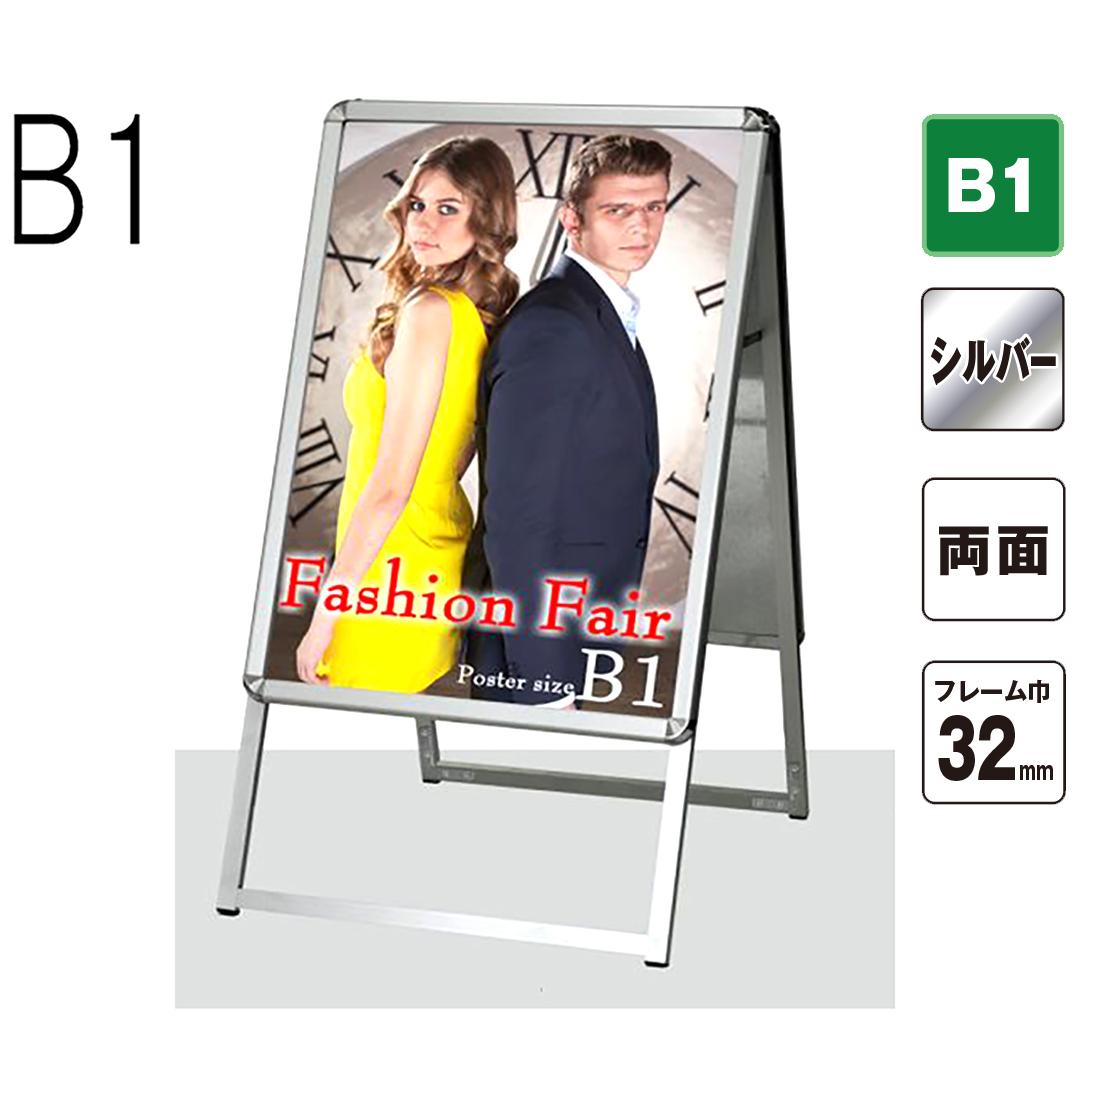 ポスターパネルスタンド B1 両面シルバー32mmRtype 【送料無料】/A型看板 ポスターフレームスタンド アルミ 屋内外兼用 立て看板